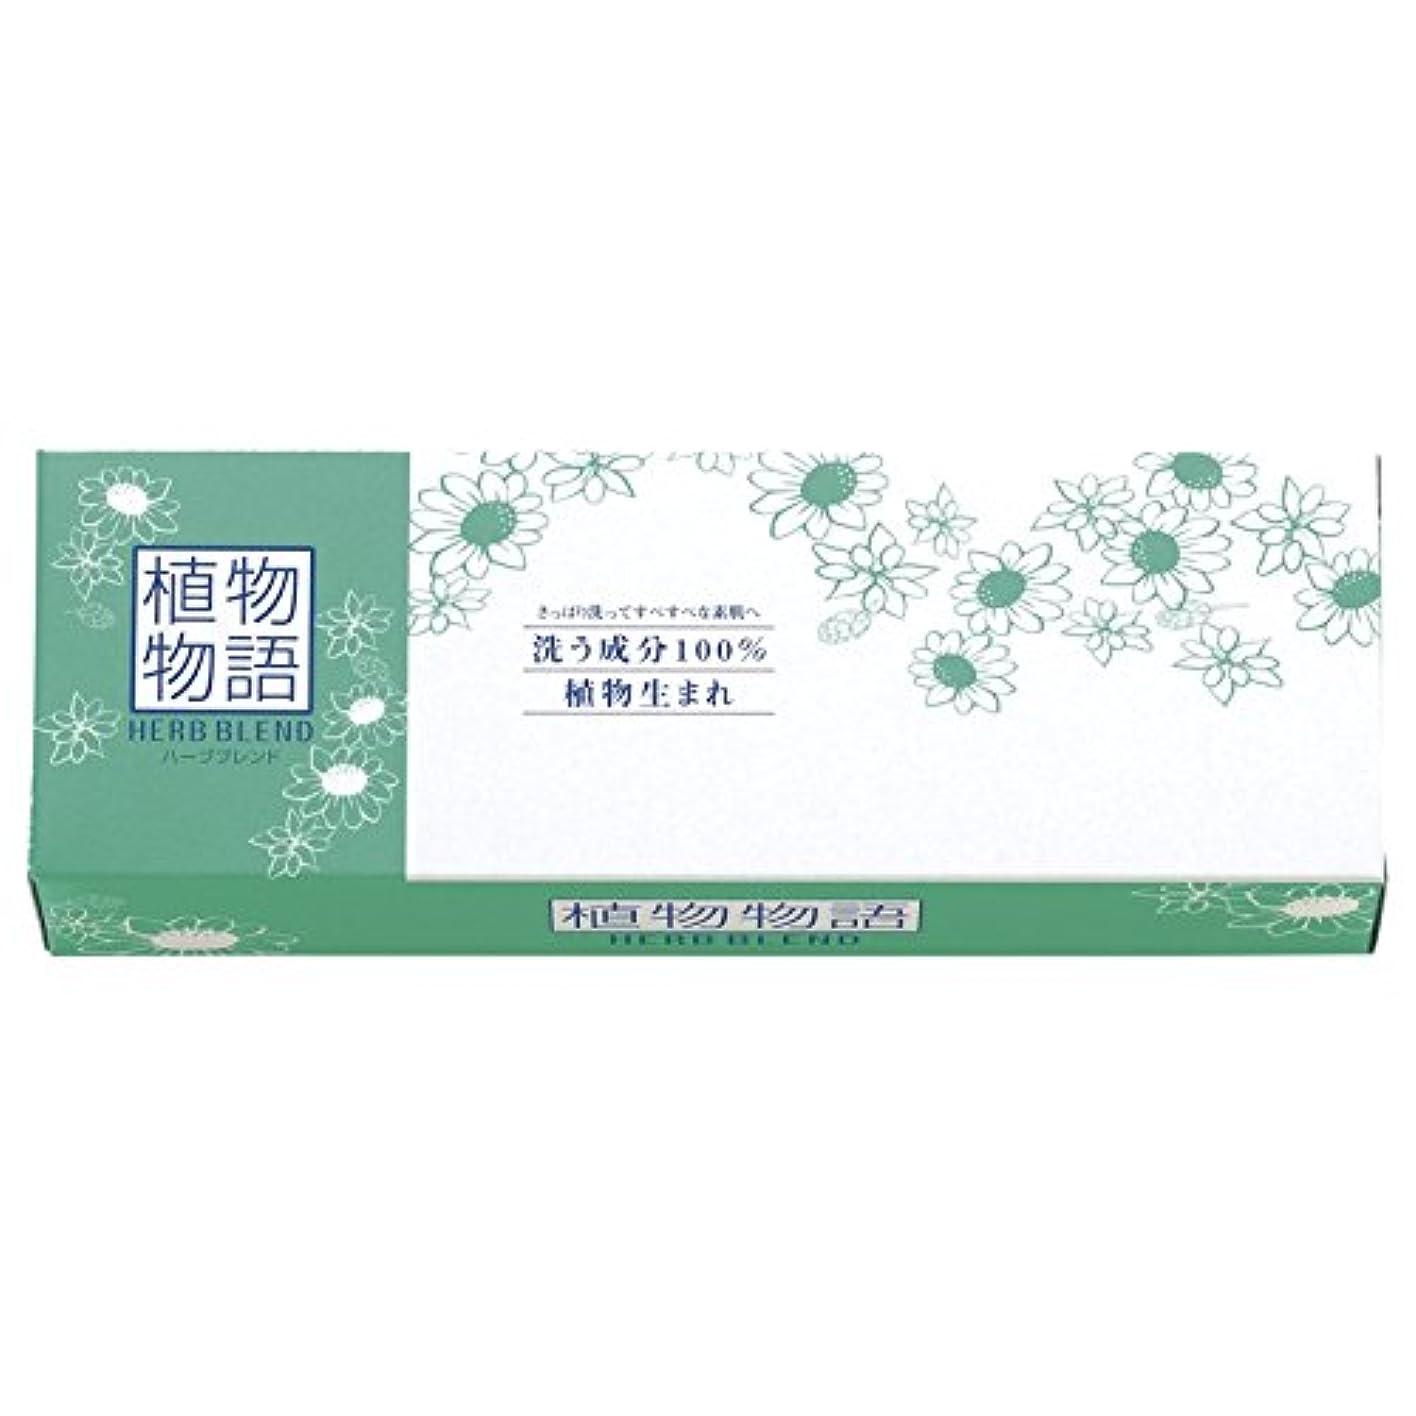 添付引っ張る集計ライオン 植物物語ハーブブレンド化粧石鹸2個箱 KST802 【粗品 天然素材 ハーブ 2個 固形石鹸 からだ用 ハーブ 優しい お風呂 こども やさしい 石けん せっけん】